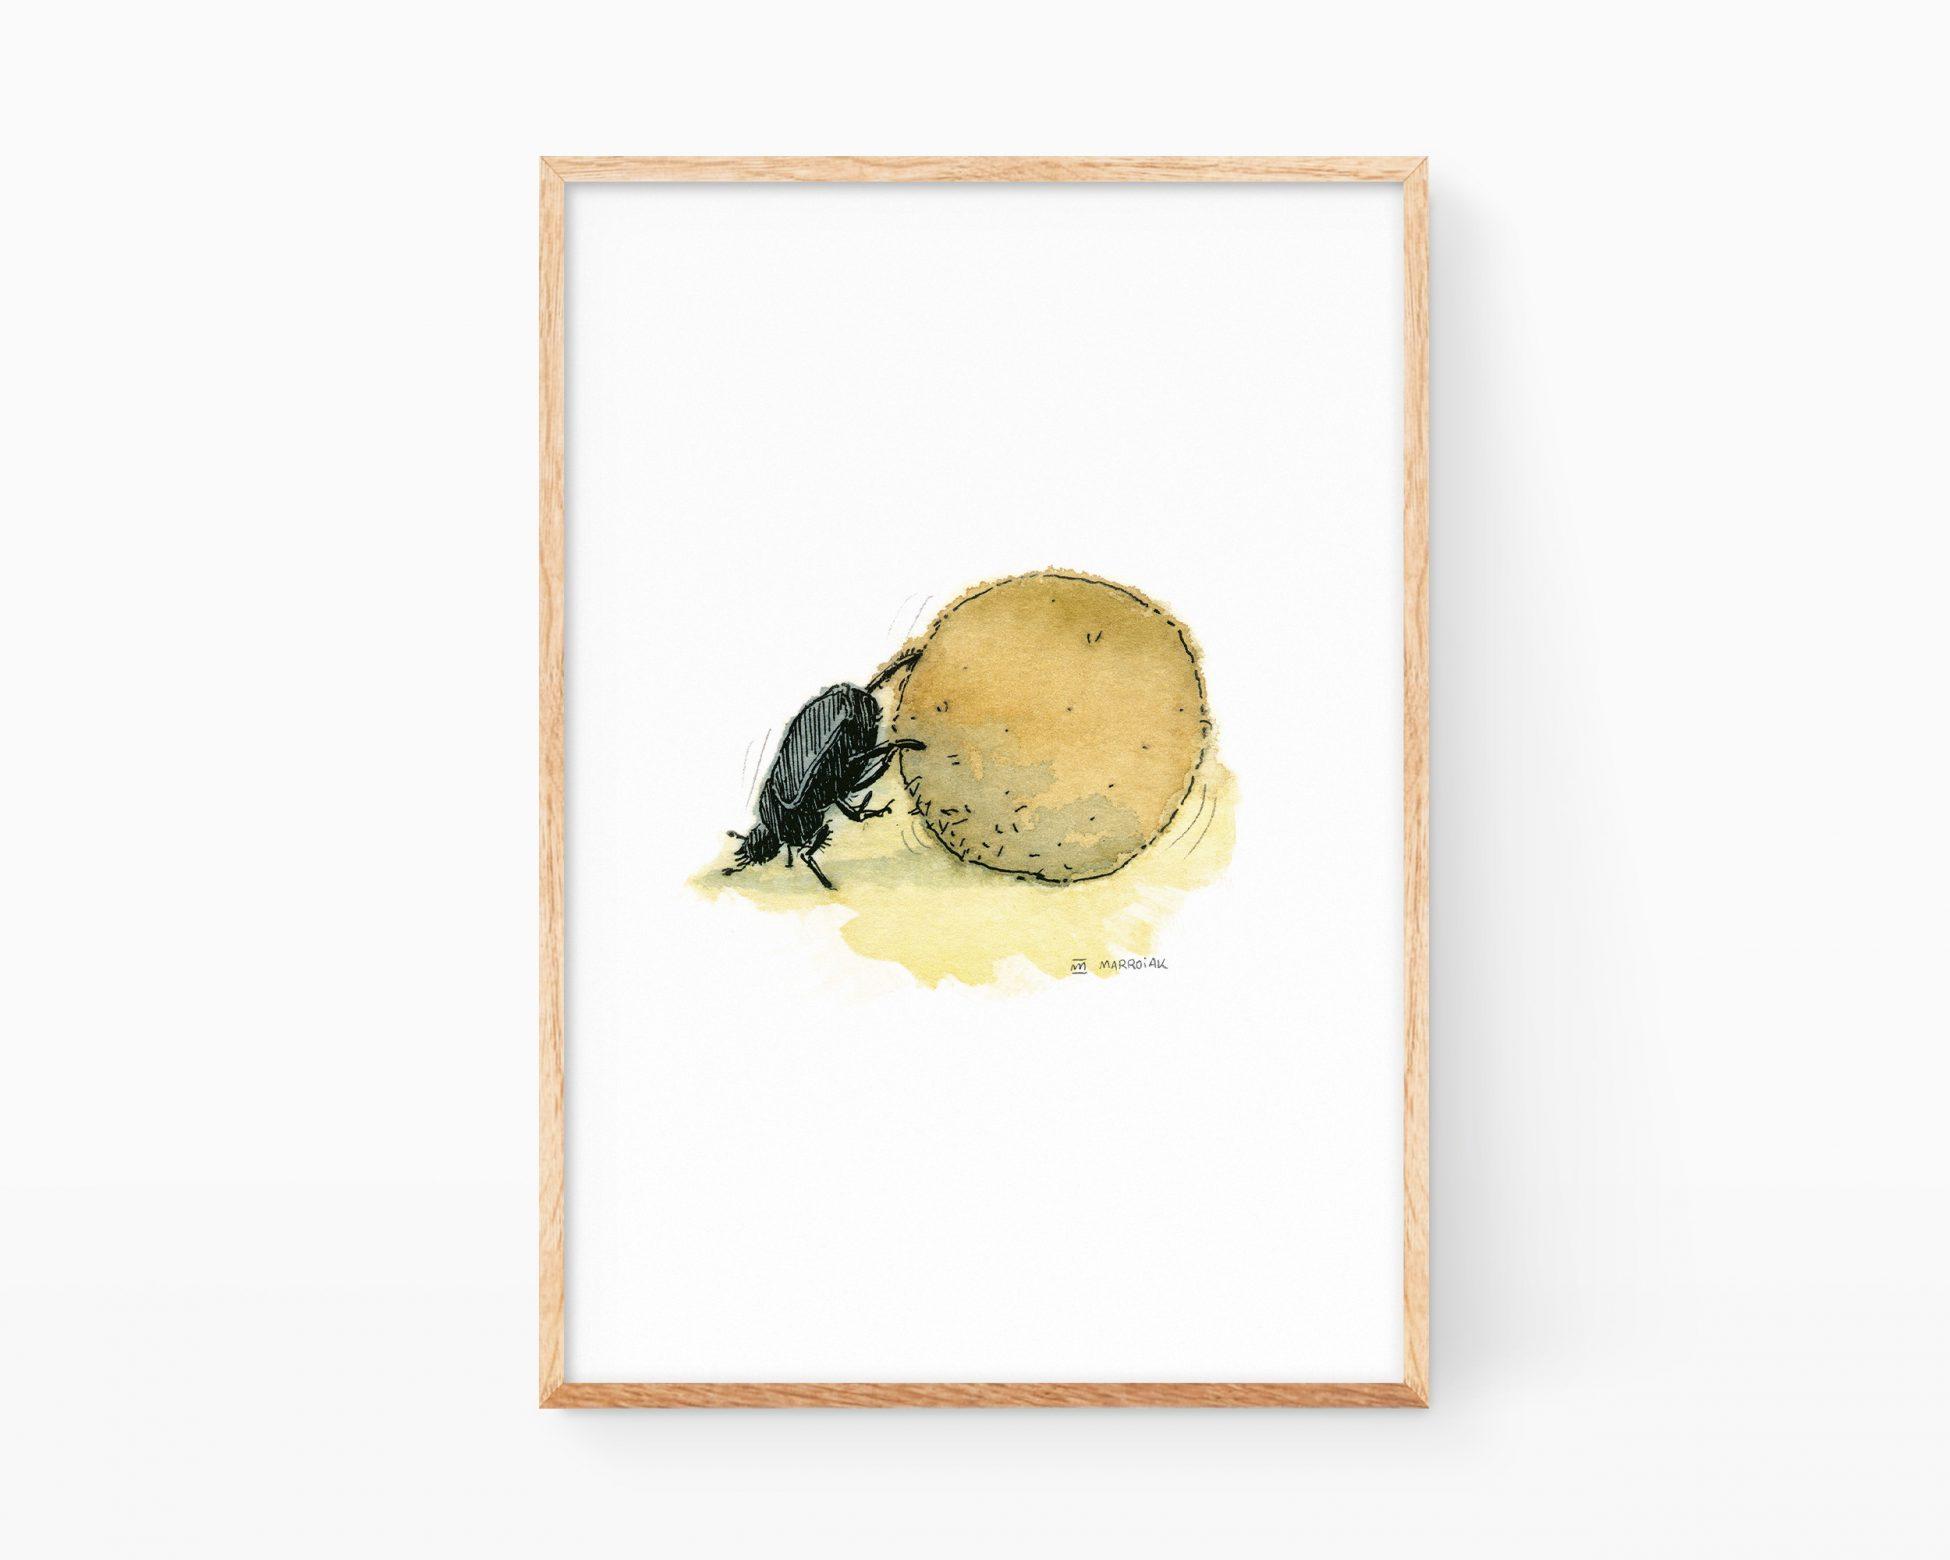 Cuadro con una ilustración de un escarabat piloter típico de las dunas de playa de Valencia y La Safor.